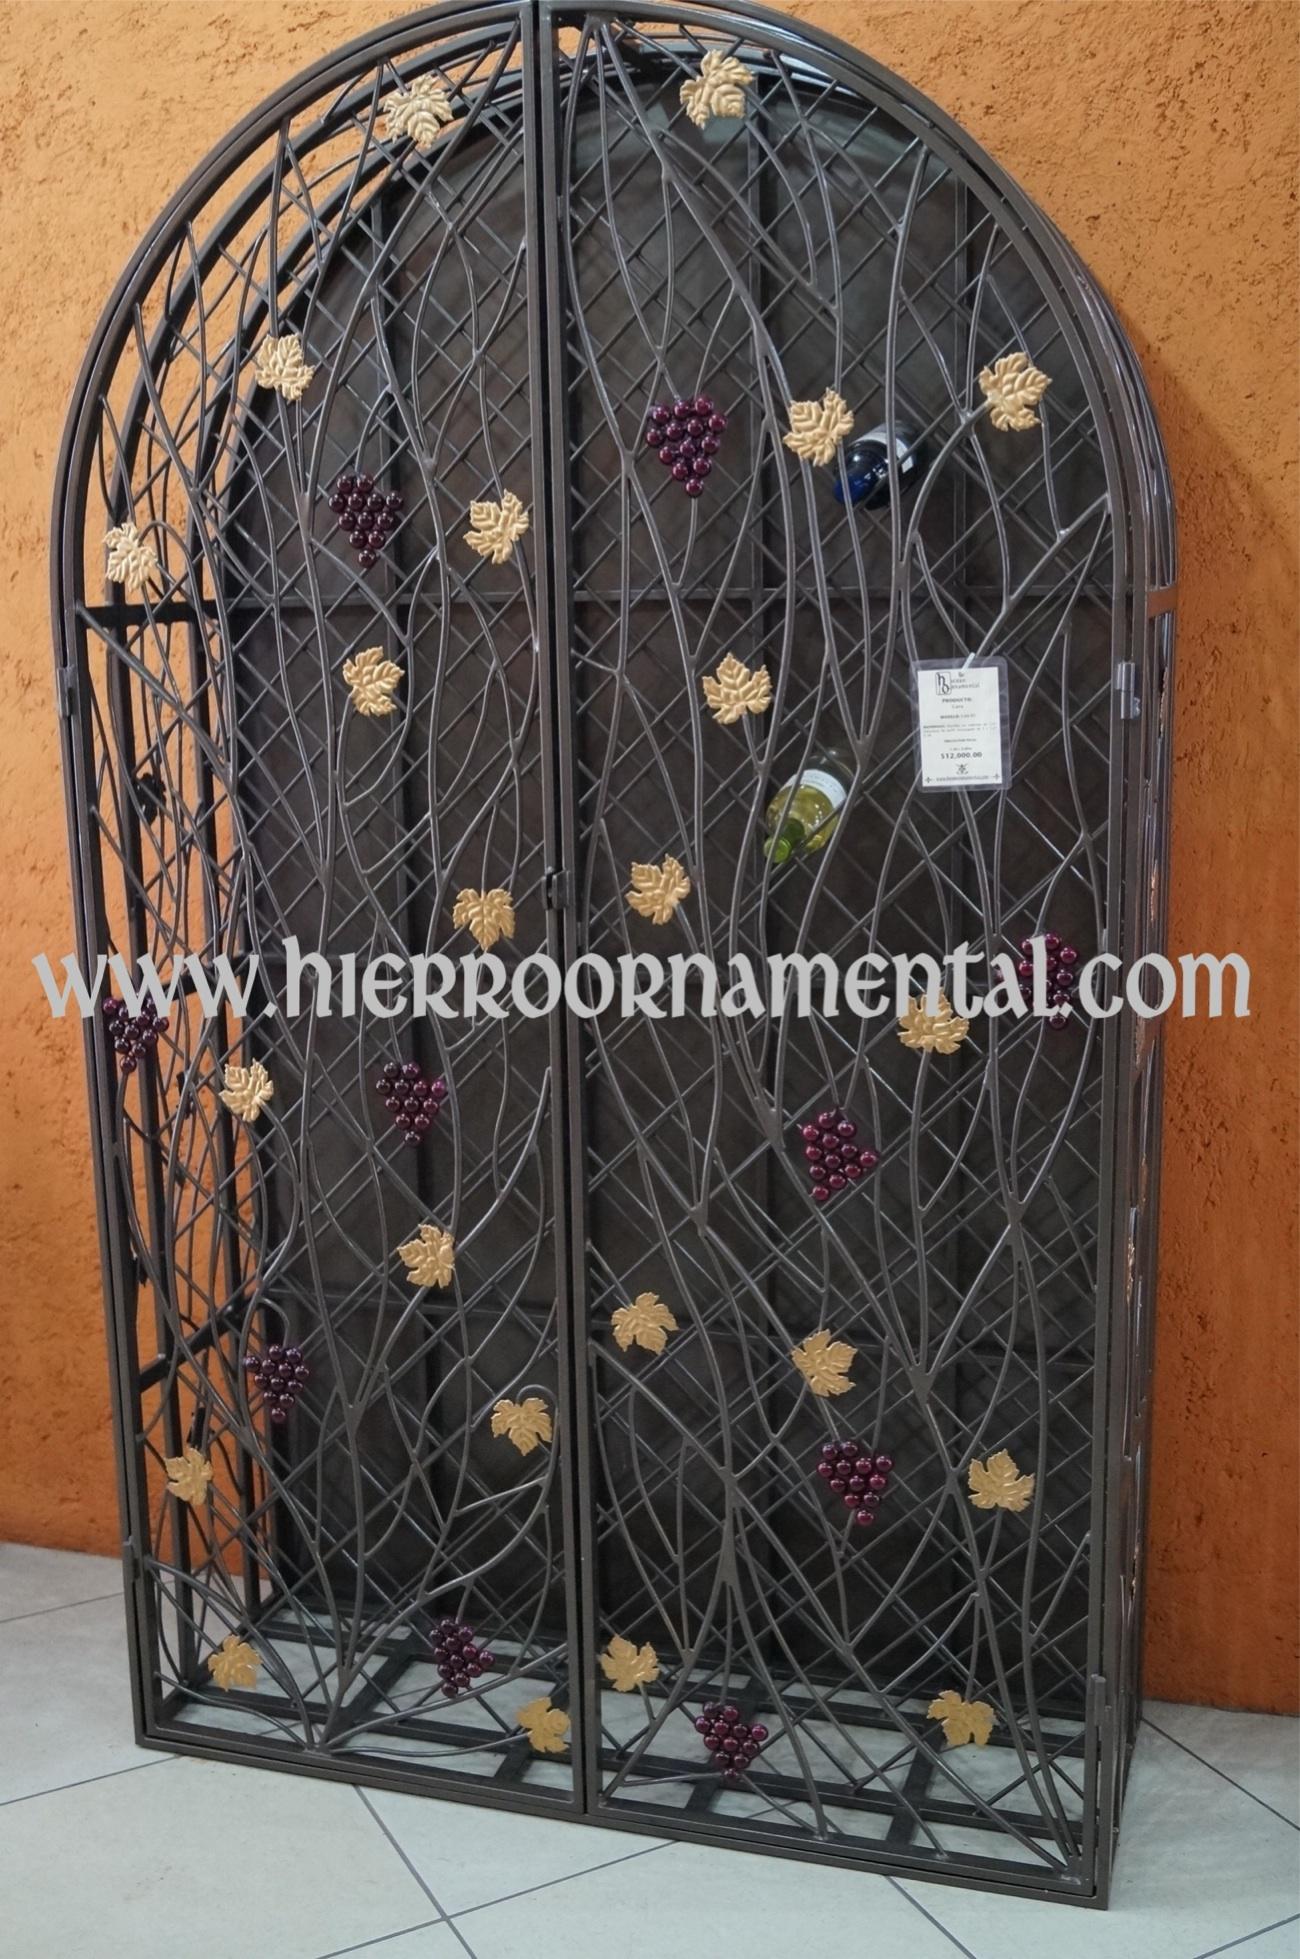 Productos de hierro forjado y acero inoxidable